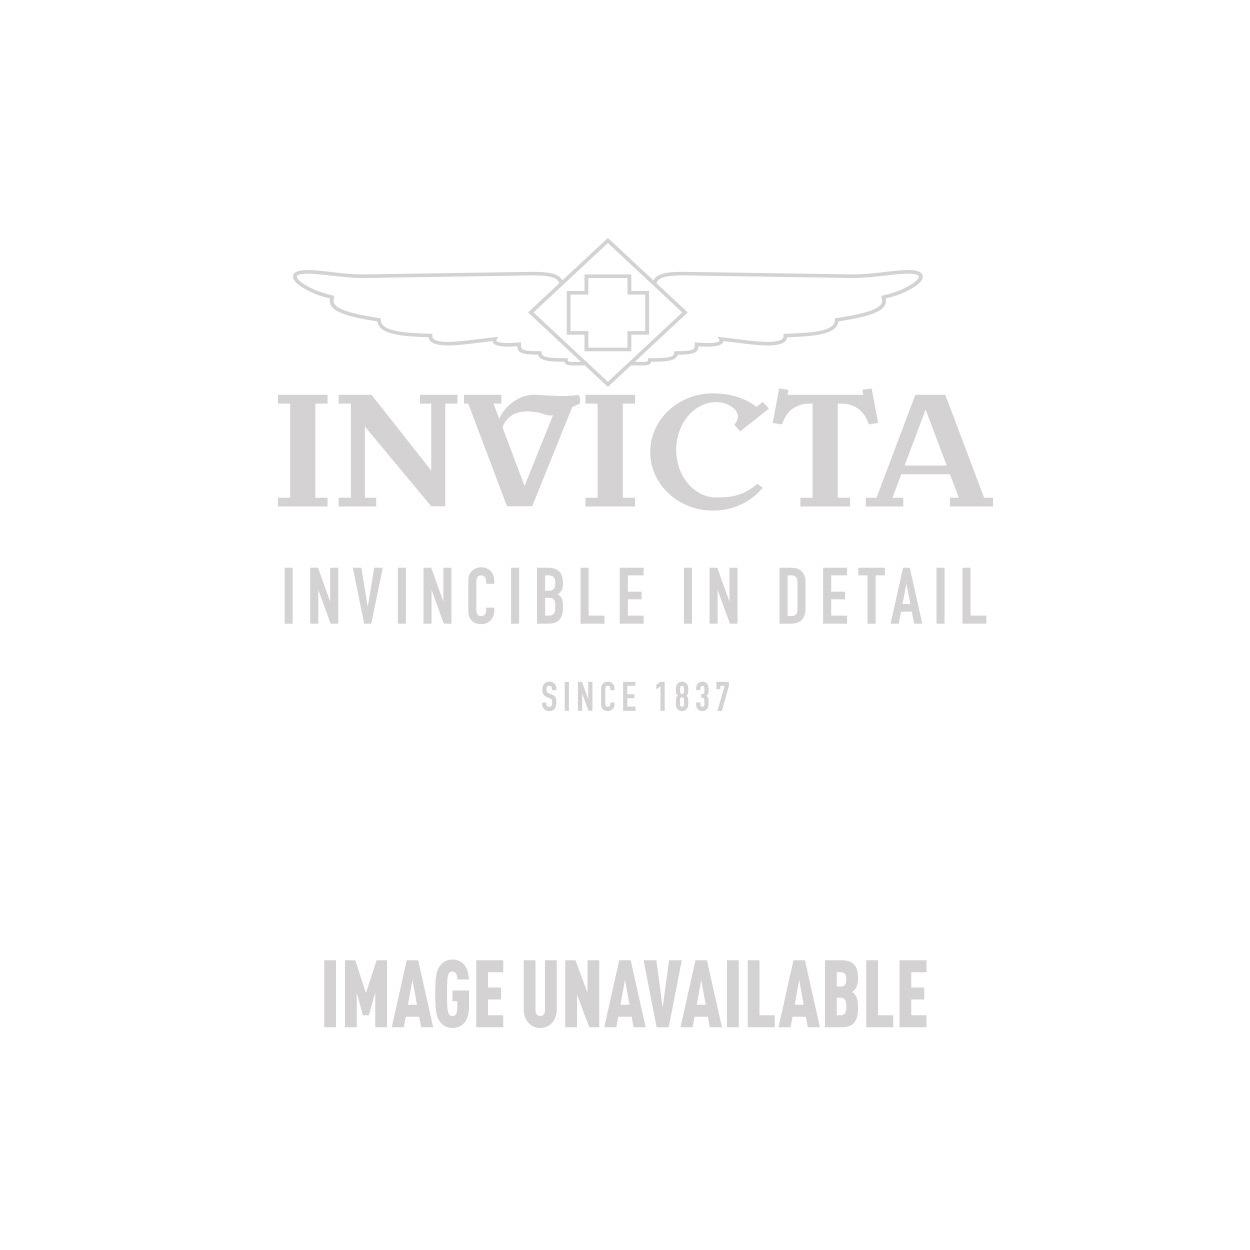 Invicta Model 28125